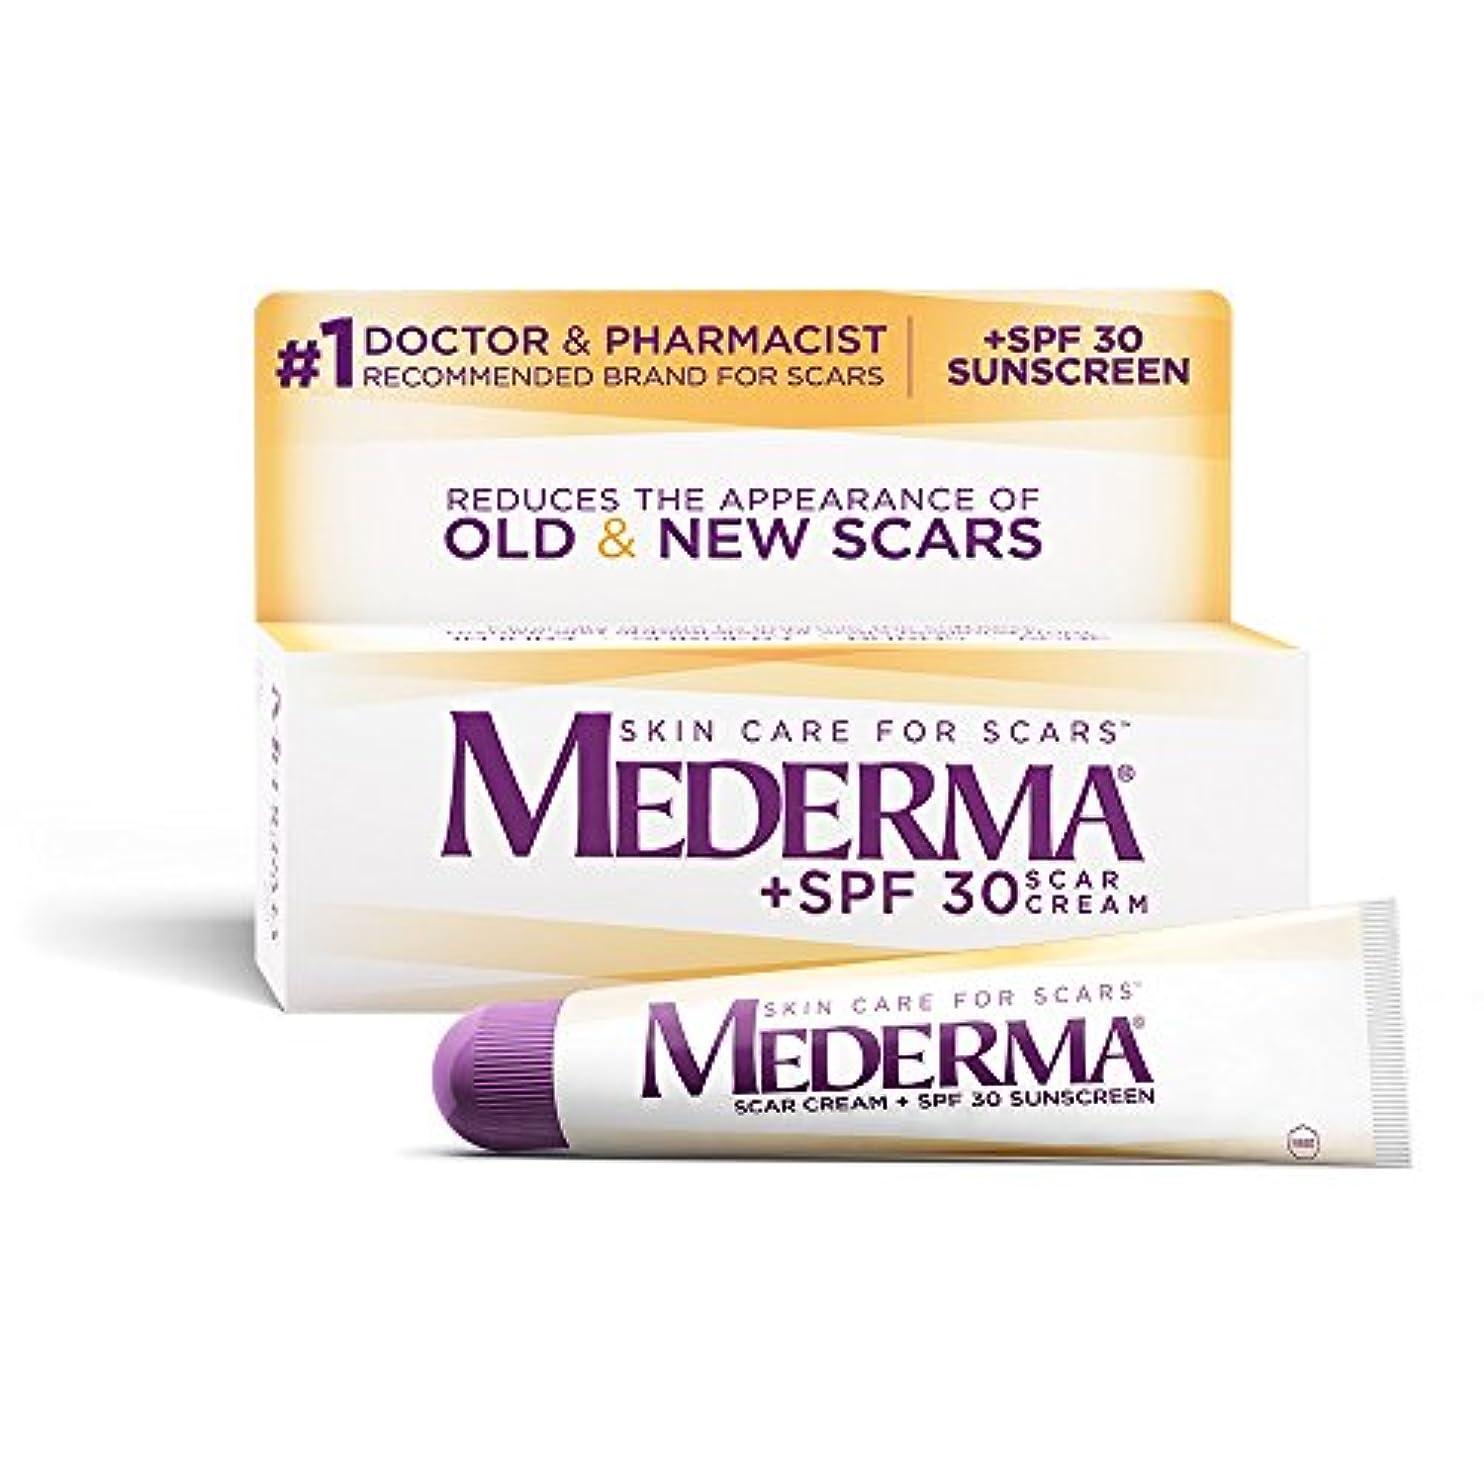 間違いなくであるチップ新発売 Mederma社 日焼け止め成分SPF30配合 メドロマ(メデルマ) 1本 20g 海外直送品